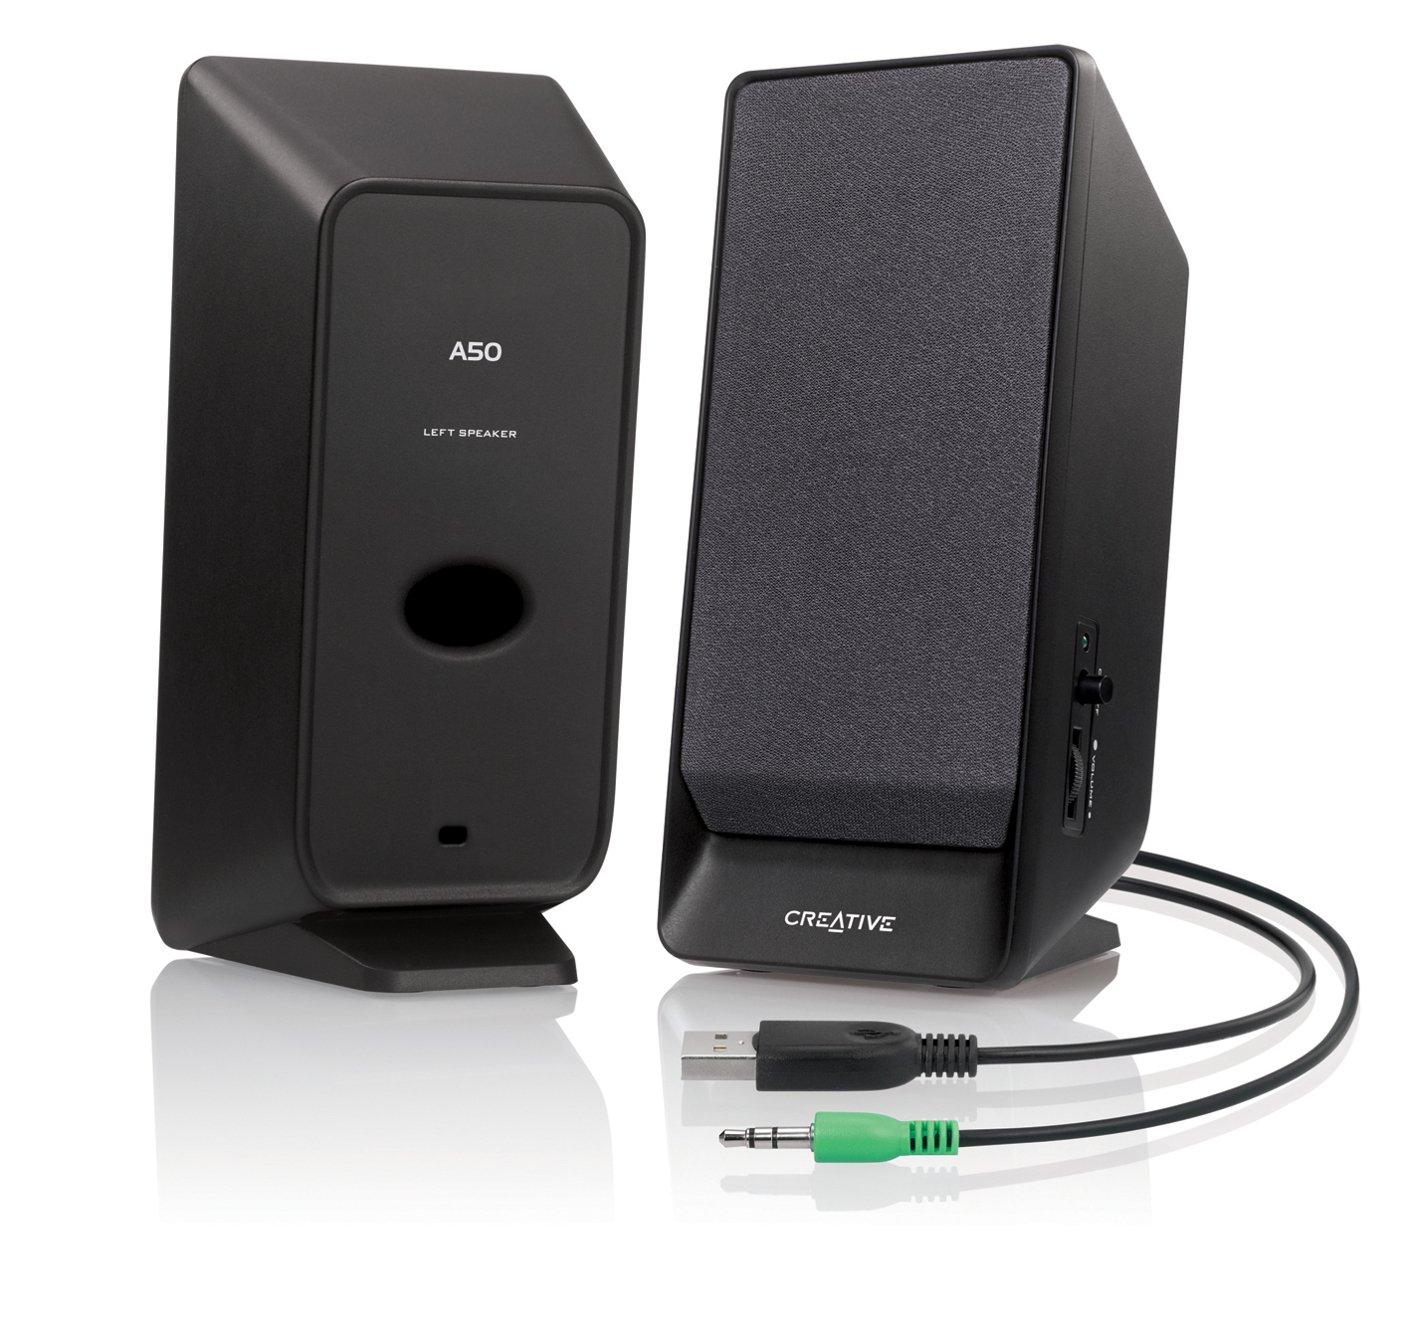 Creative A50 Sistema di Altoparlanti con Alimentazione USB 2.0, Nero FBA_51MF1675AA001